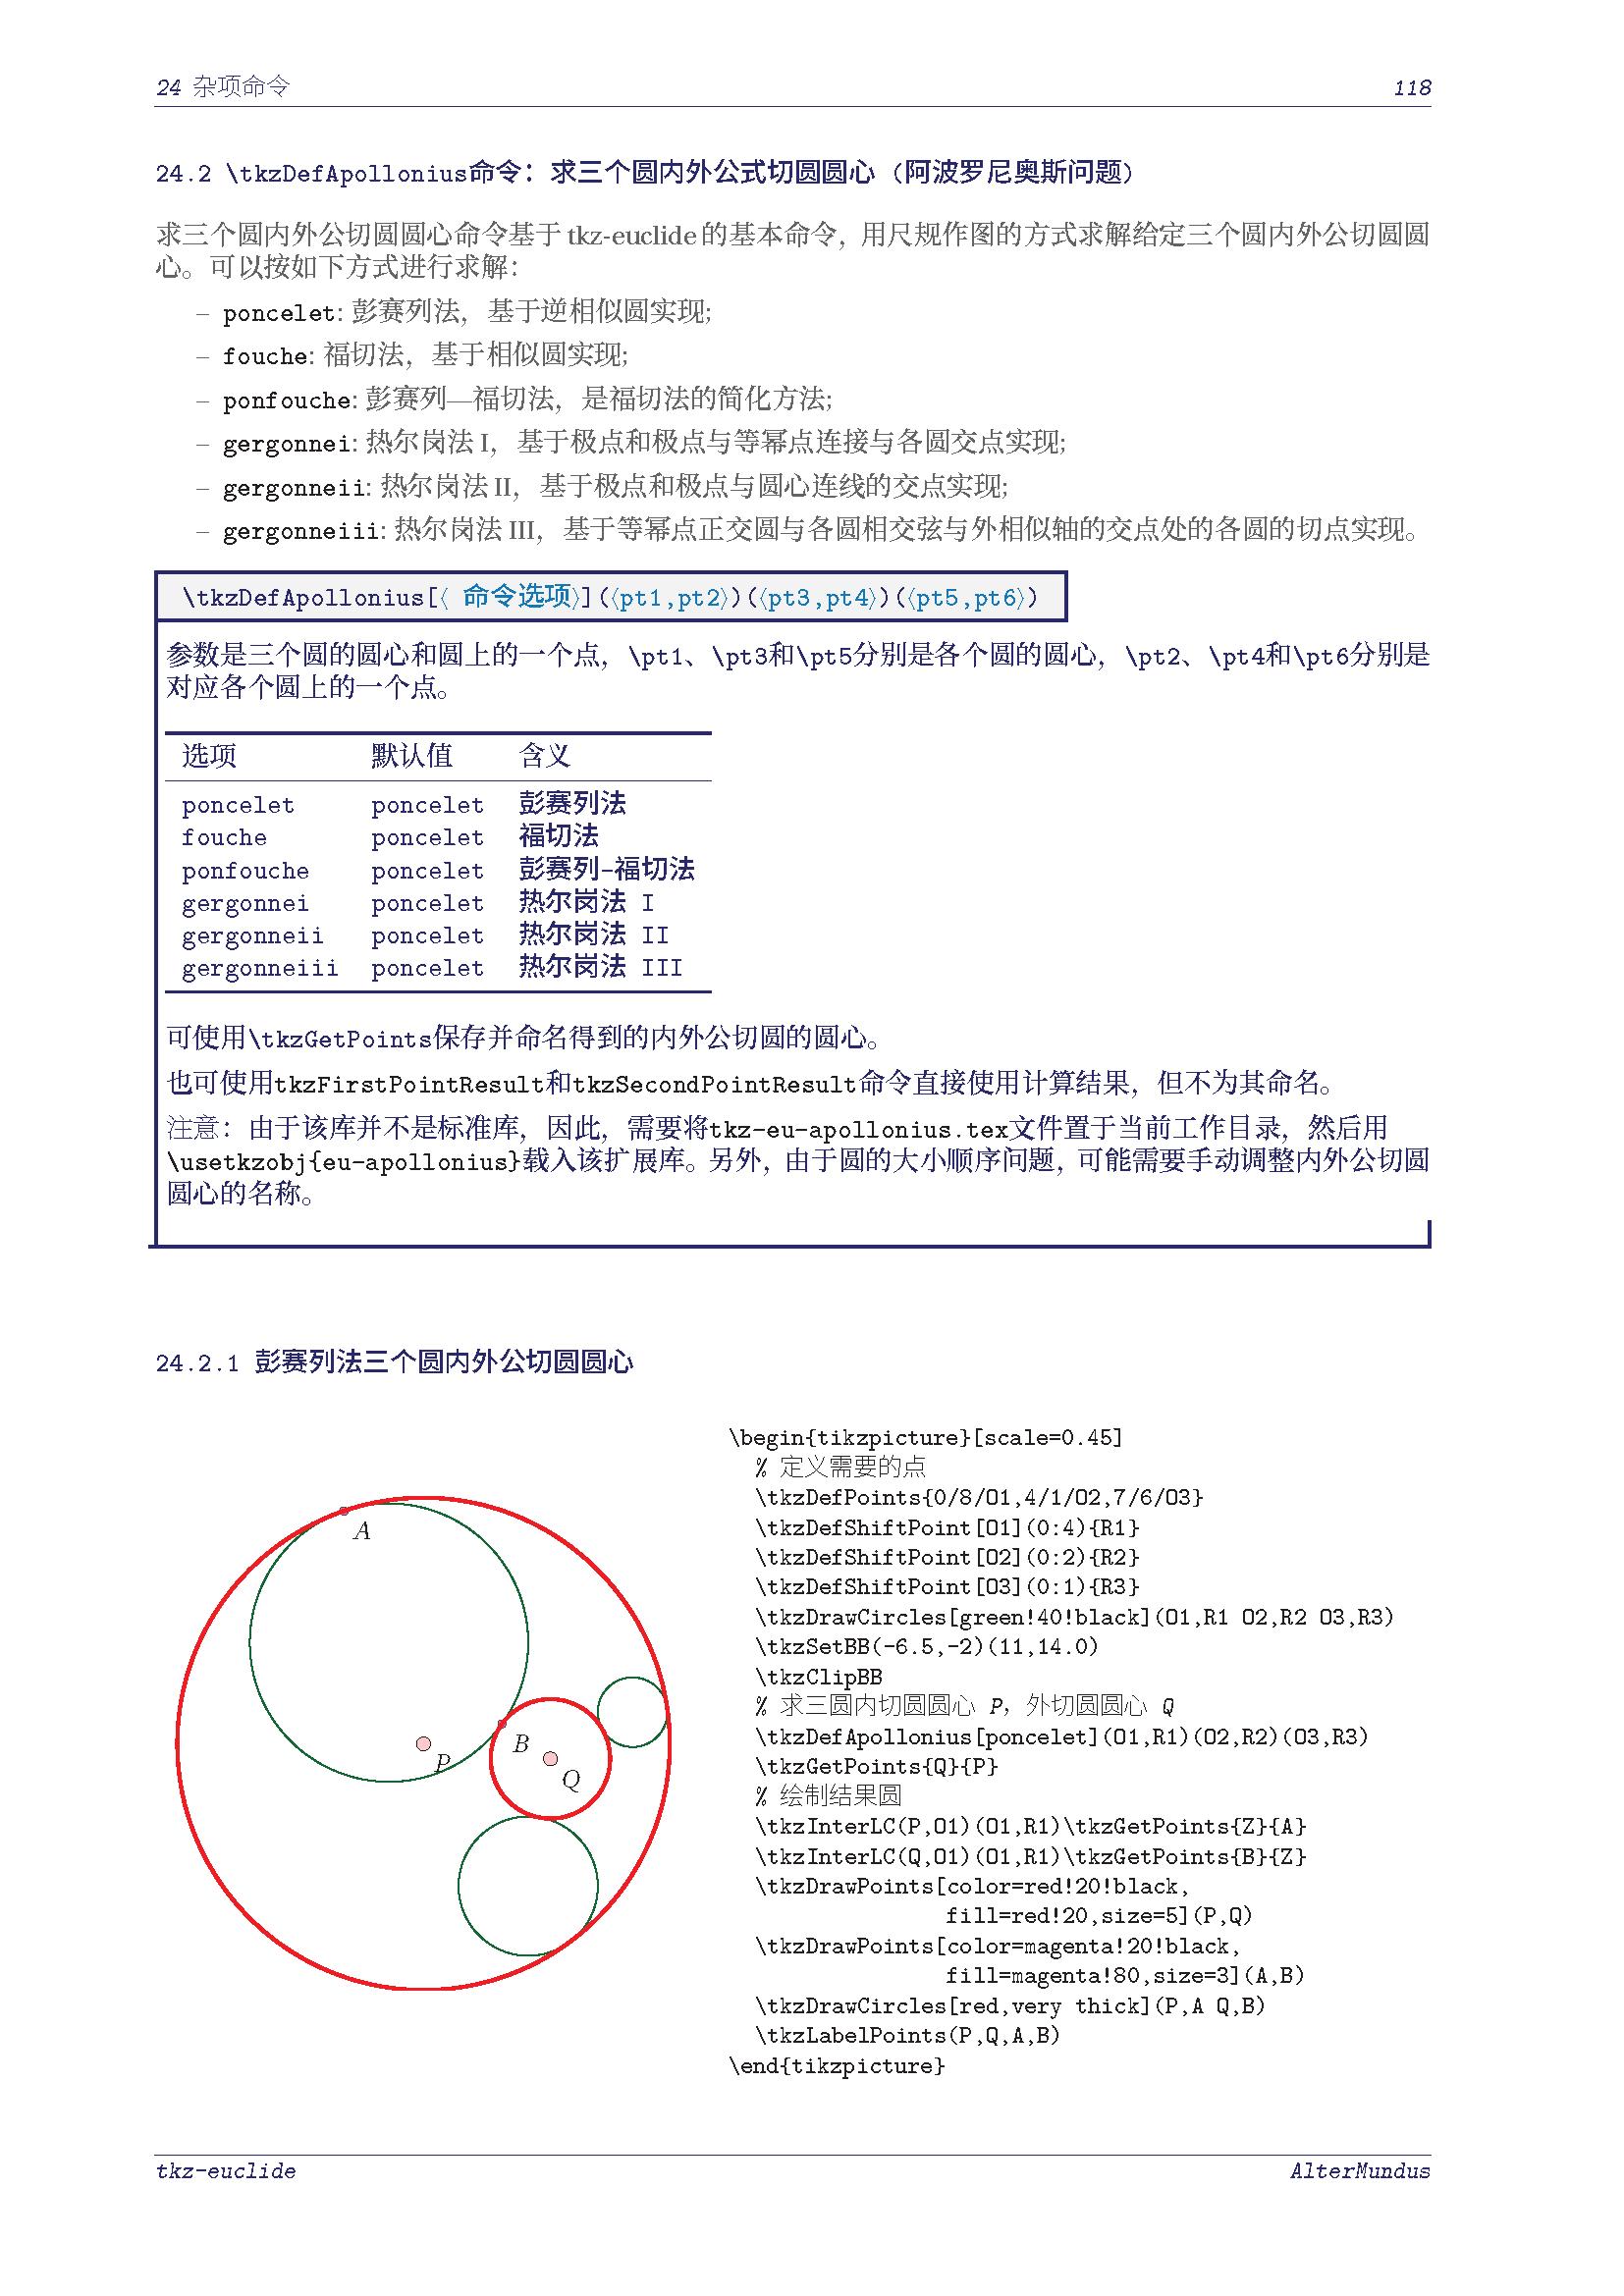 tkz-euclide宏包的求三圆内外公切圆圆心命令的设计与实现